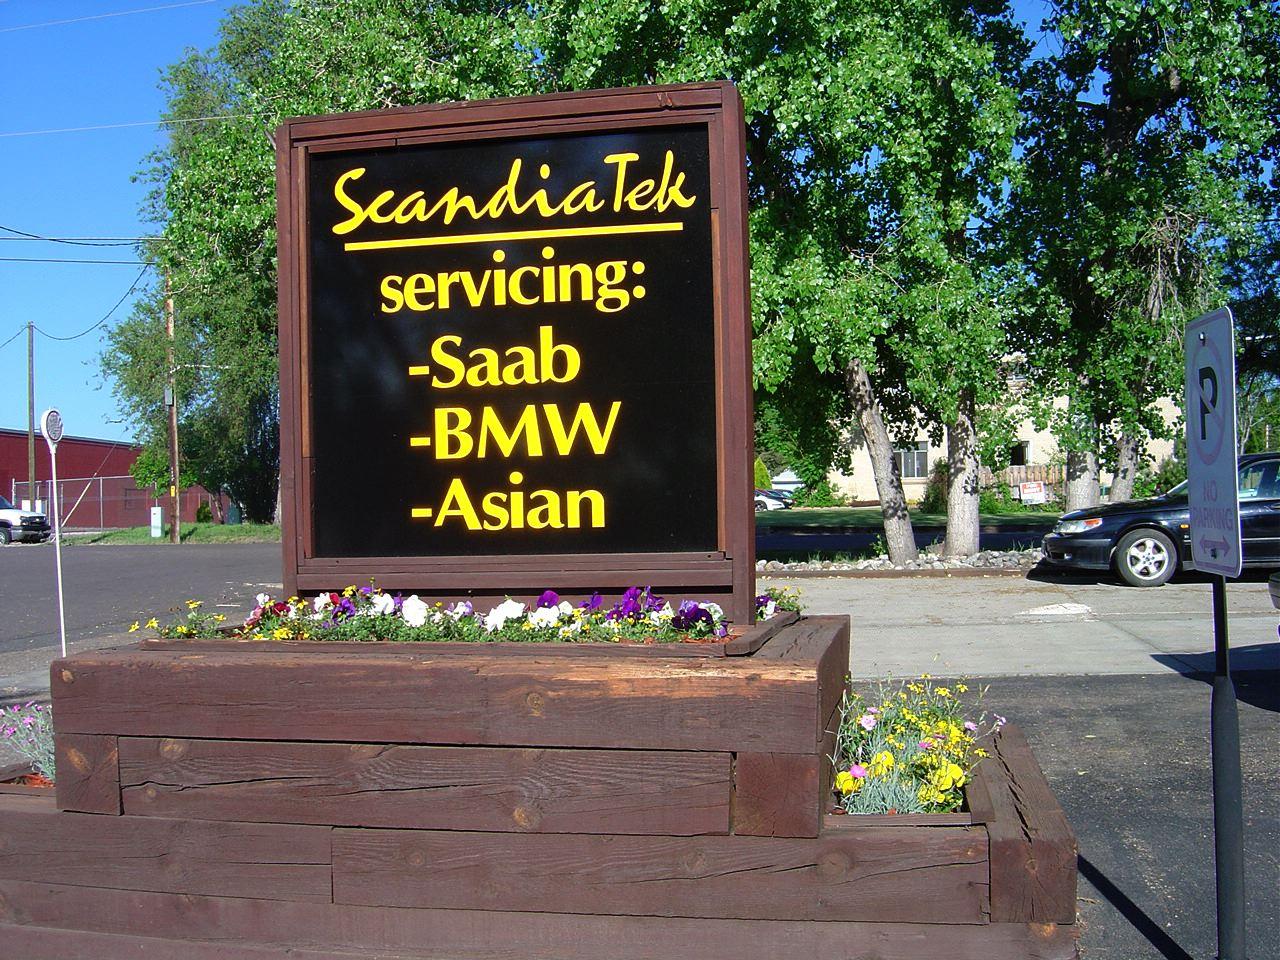 Scandiatek